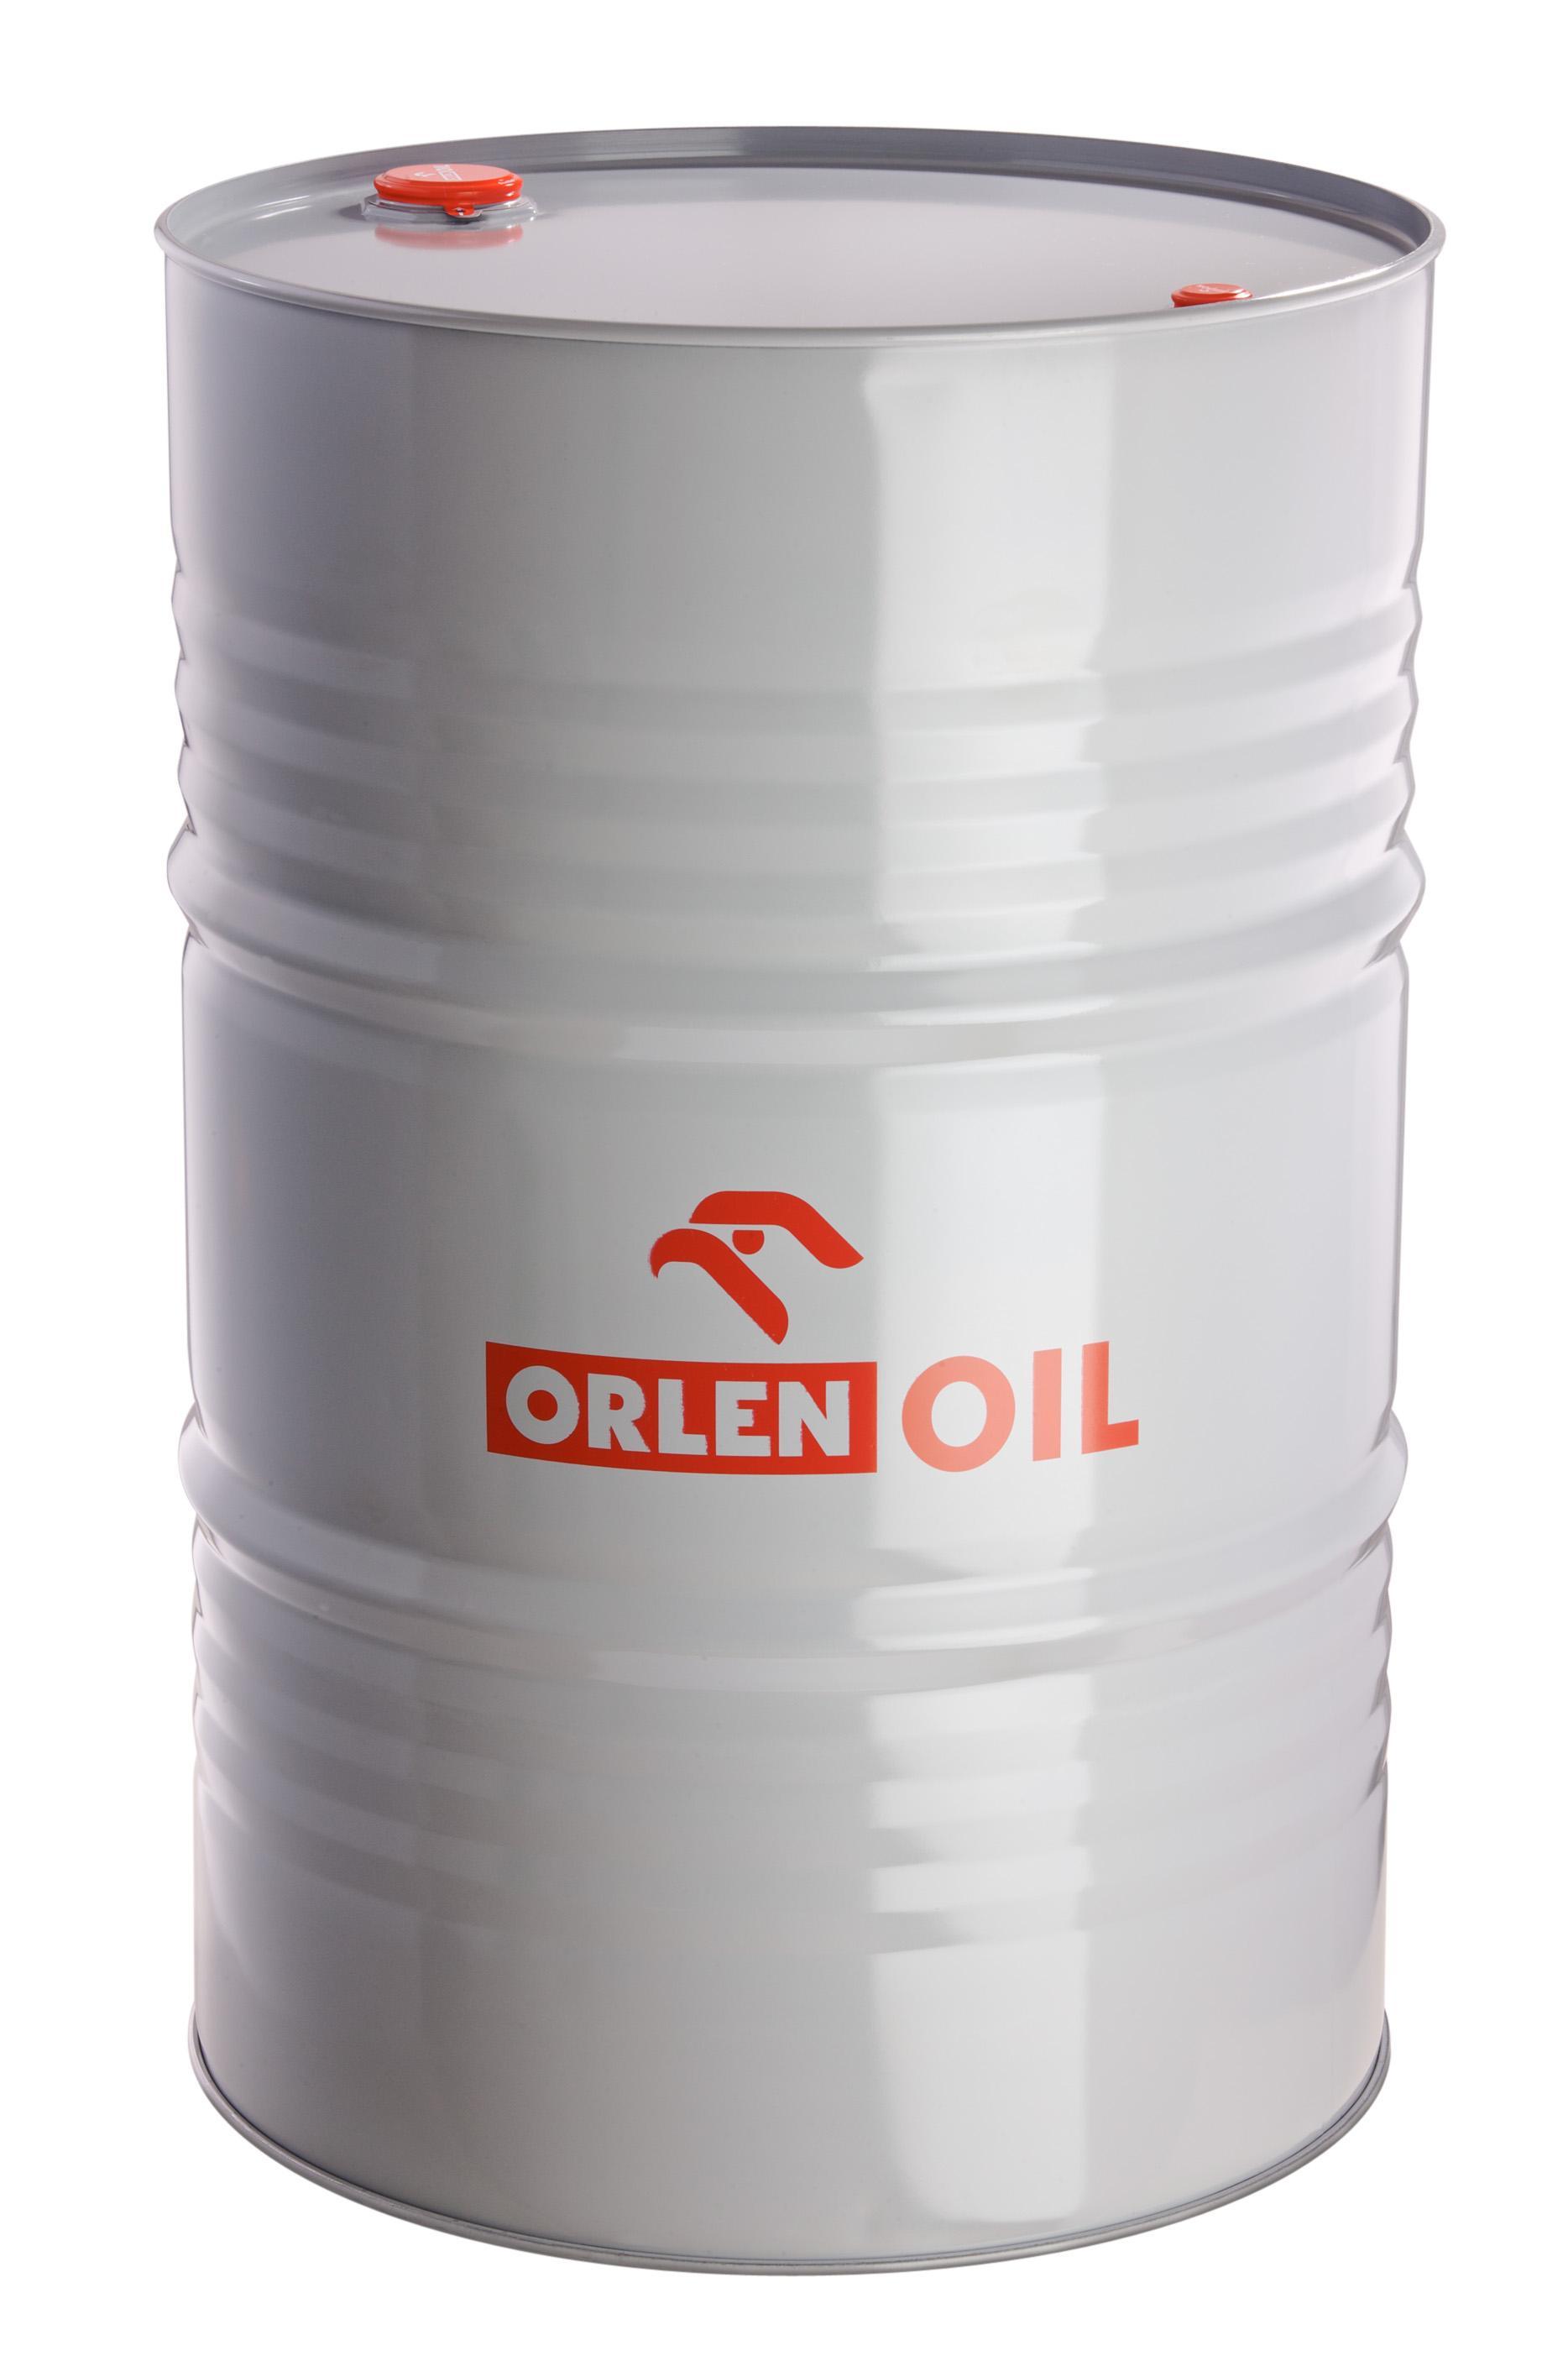 ORLEN OIL OLEJ MASZYNOWY MN-11   BECZKA 205L